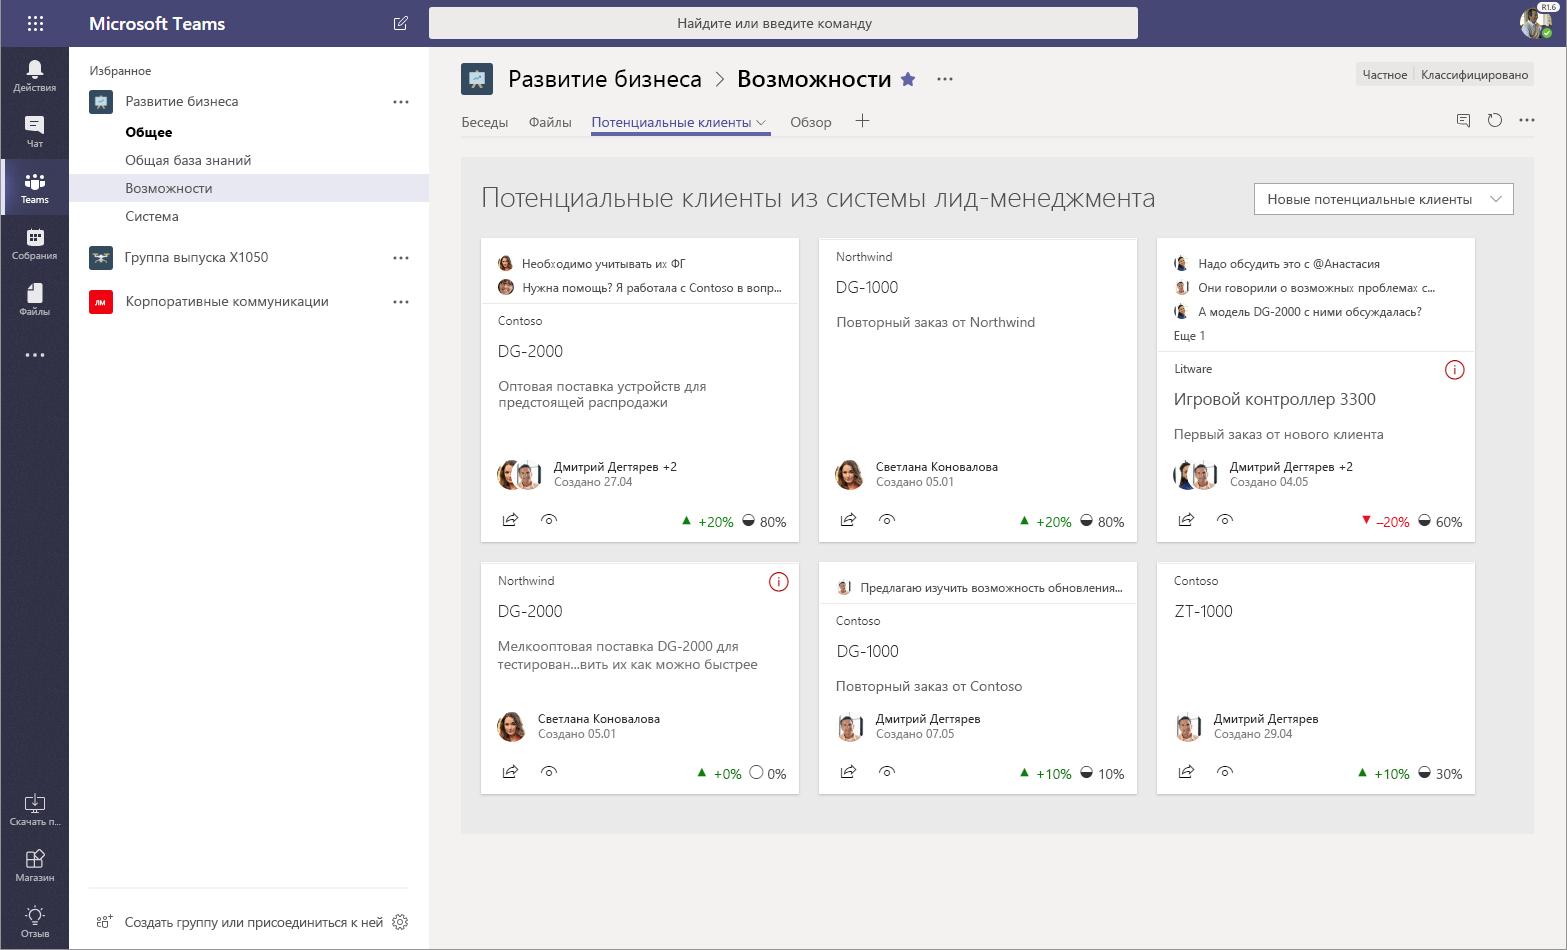 Изображение веб-части SharePoint Framework для специализированной системы лид-менеджмента, размещенной в Microsoft Teams.